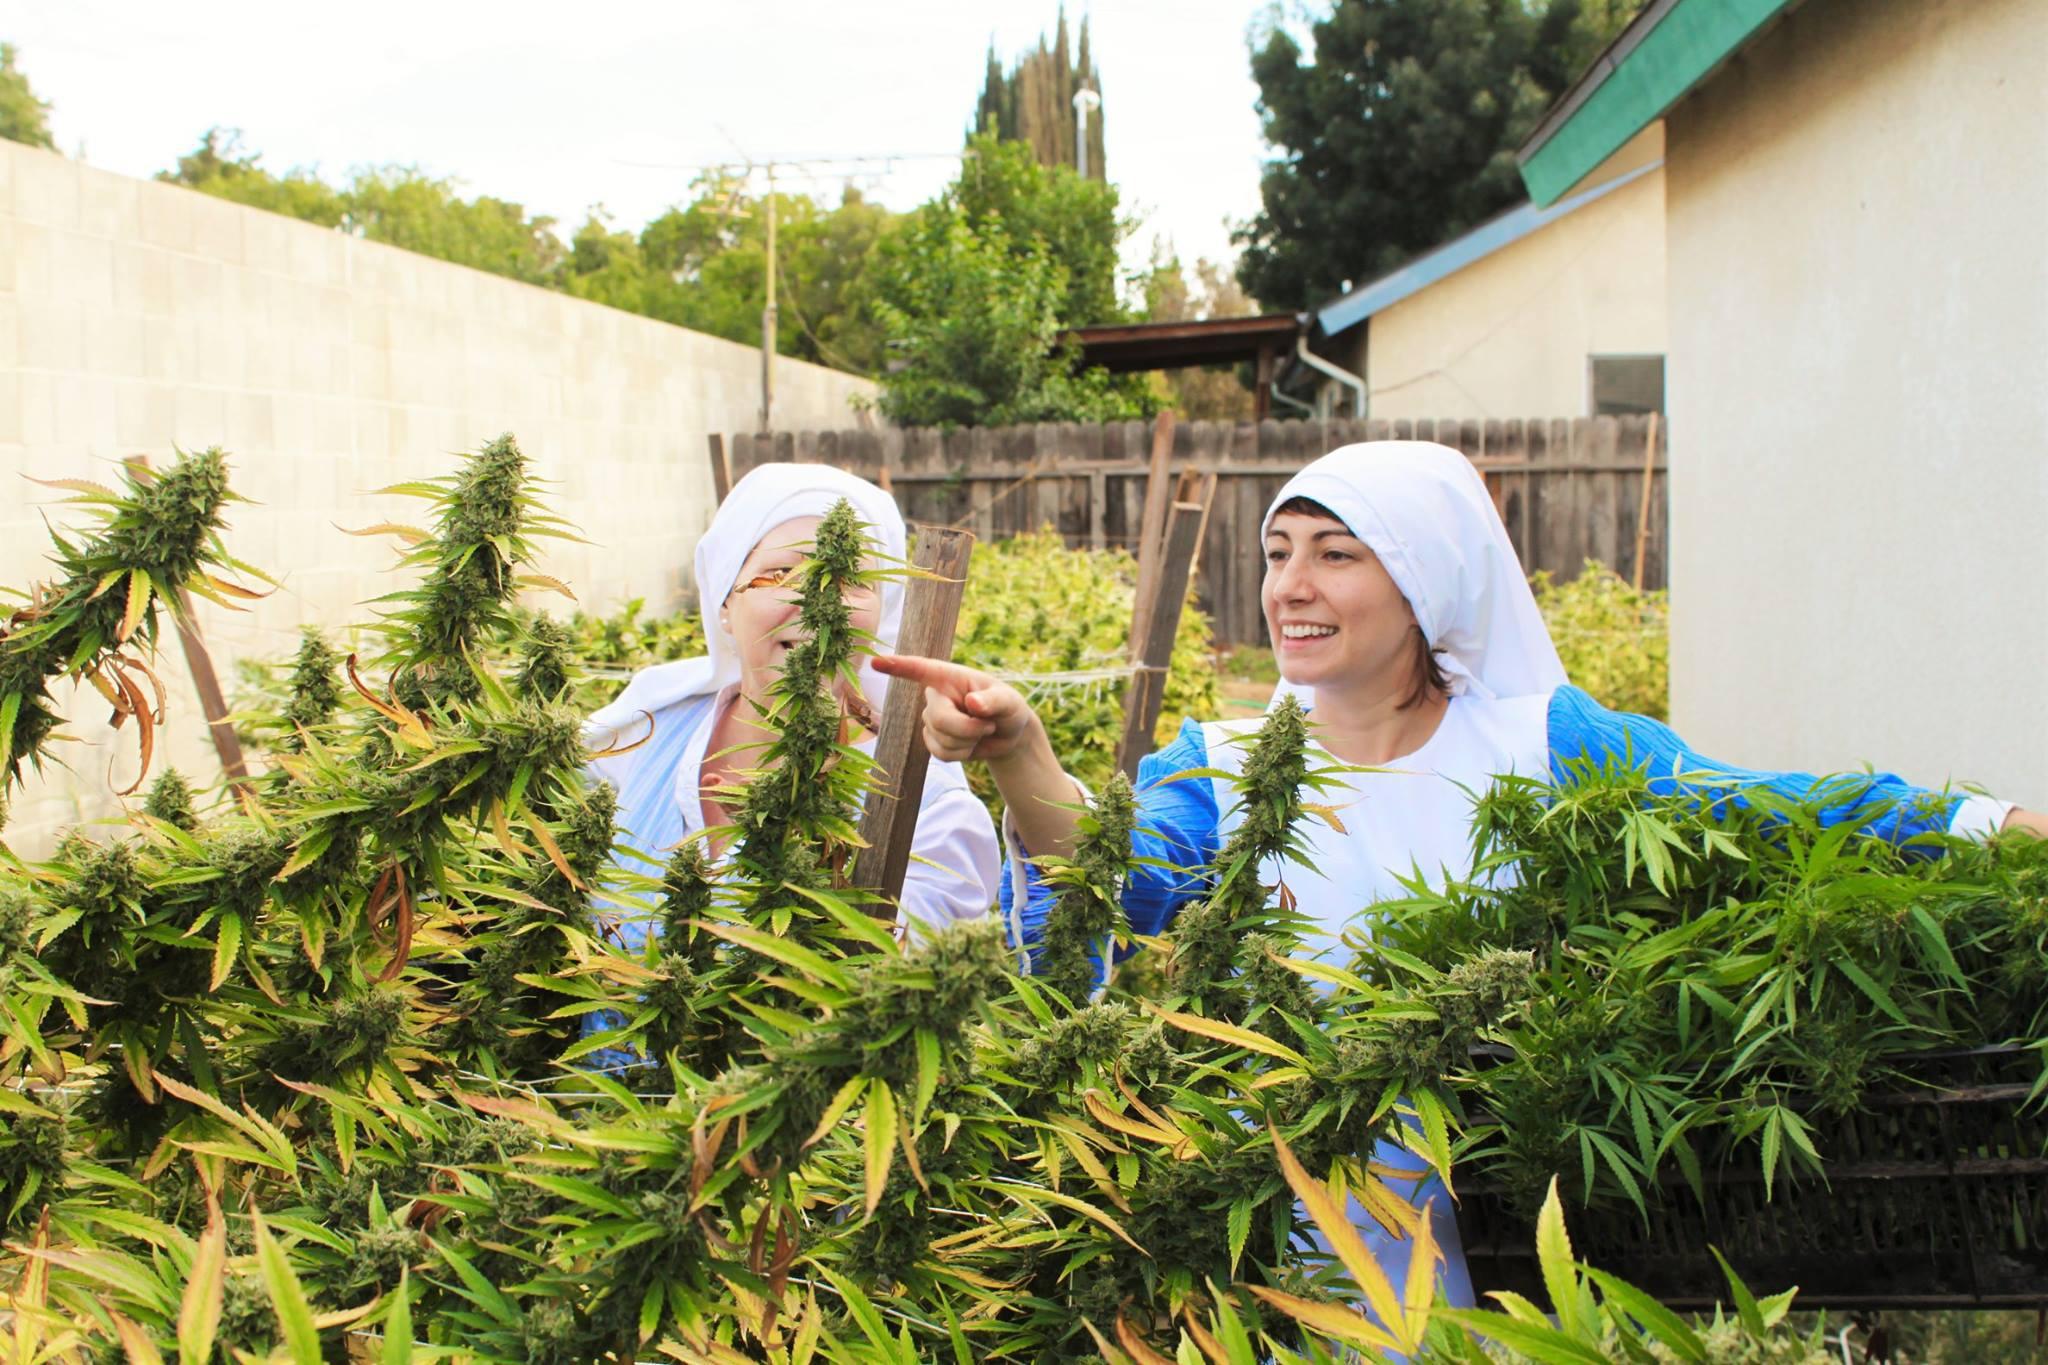 Freiras Californianas Cultivam Maconha